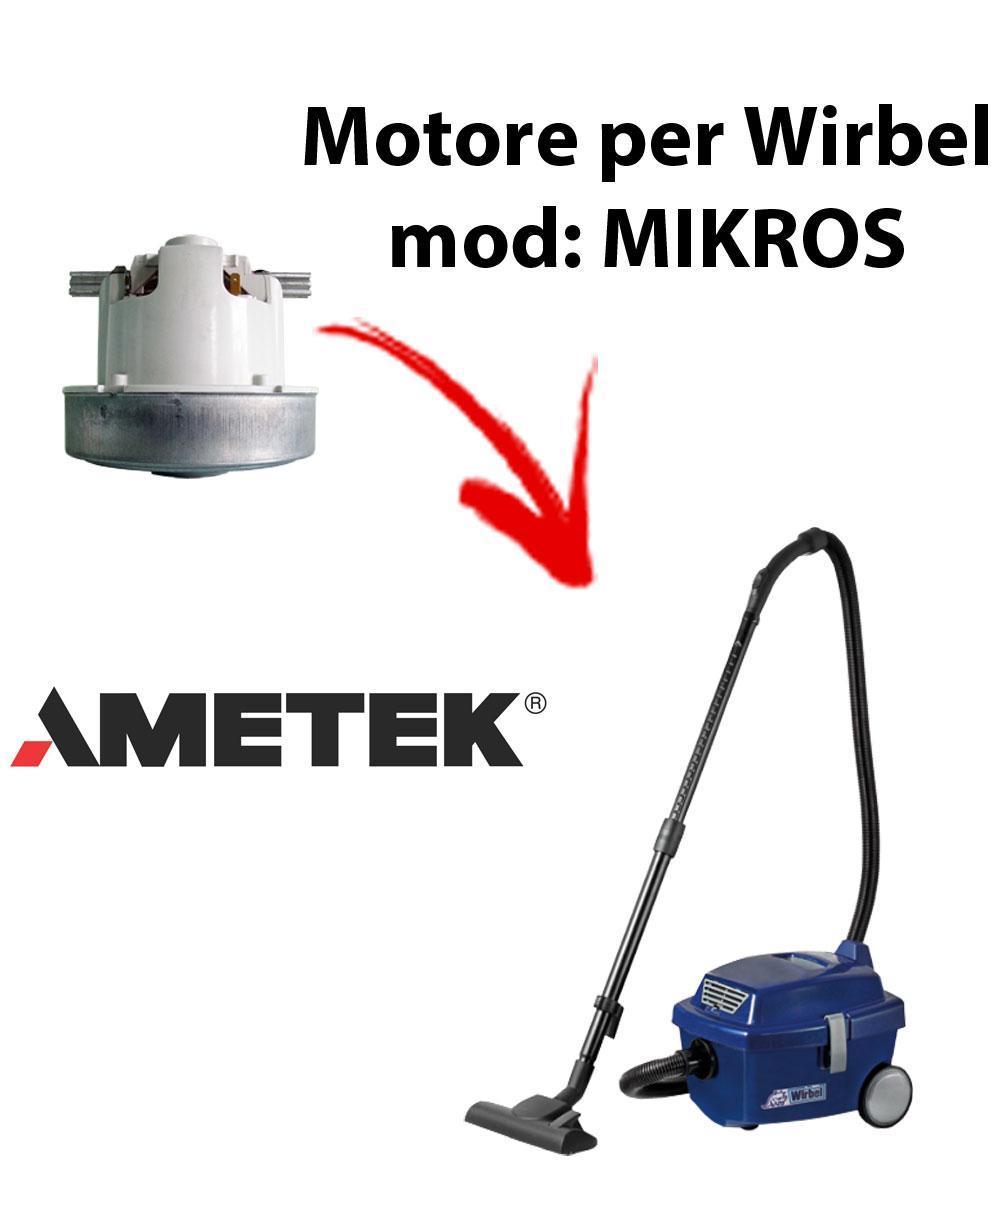 MIKROS Saugmotor AMETEK für Staubsauger WIRBEL